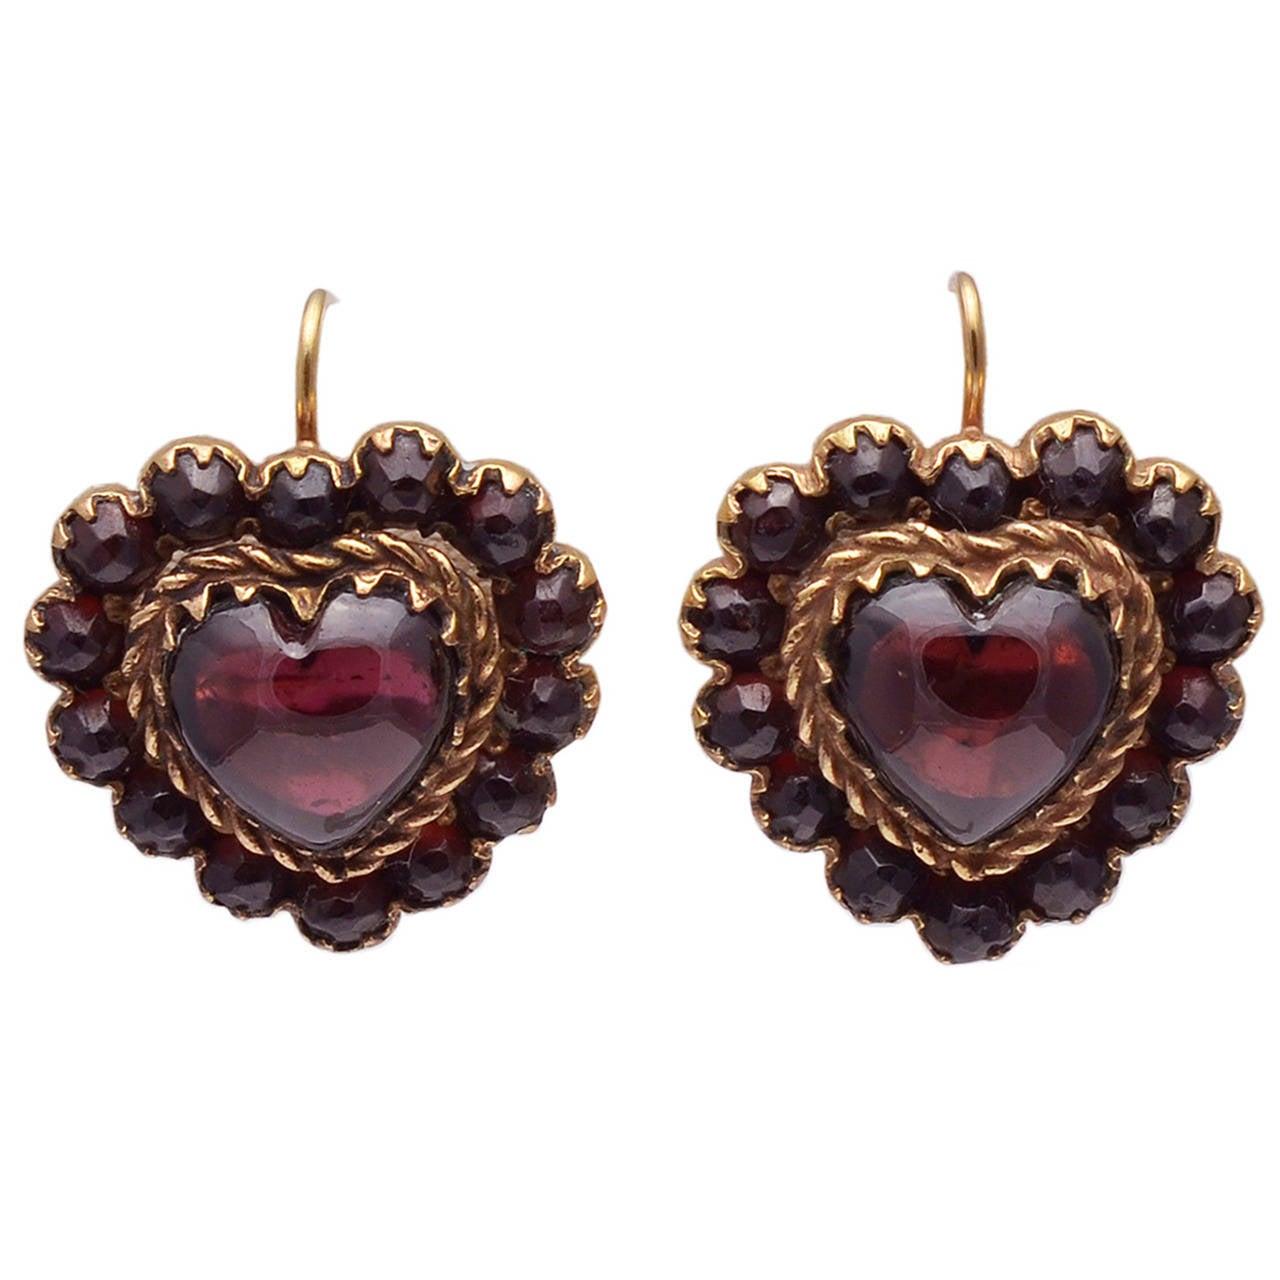 Antique Heart Shaped Garnet Earrings For